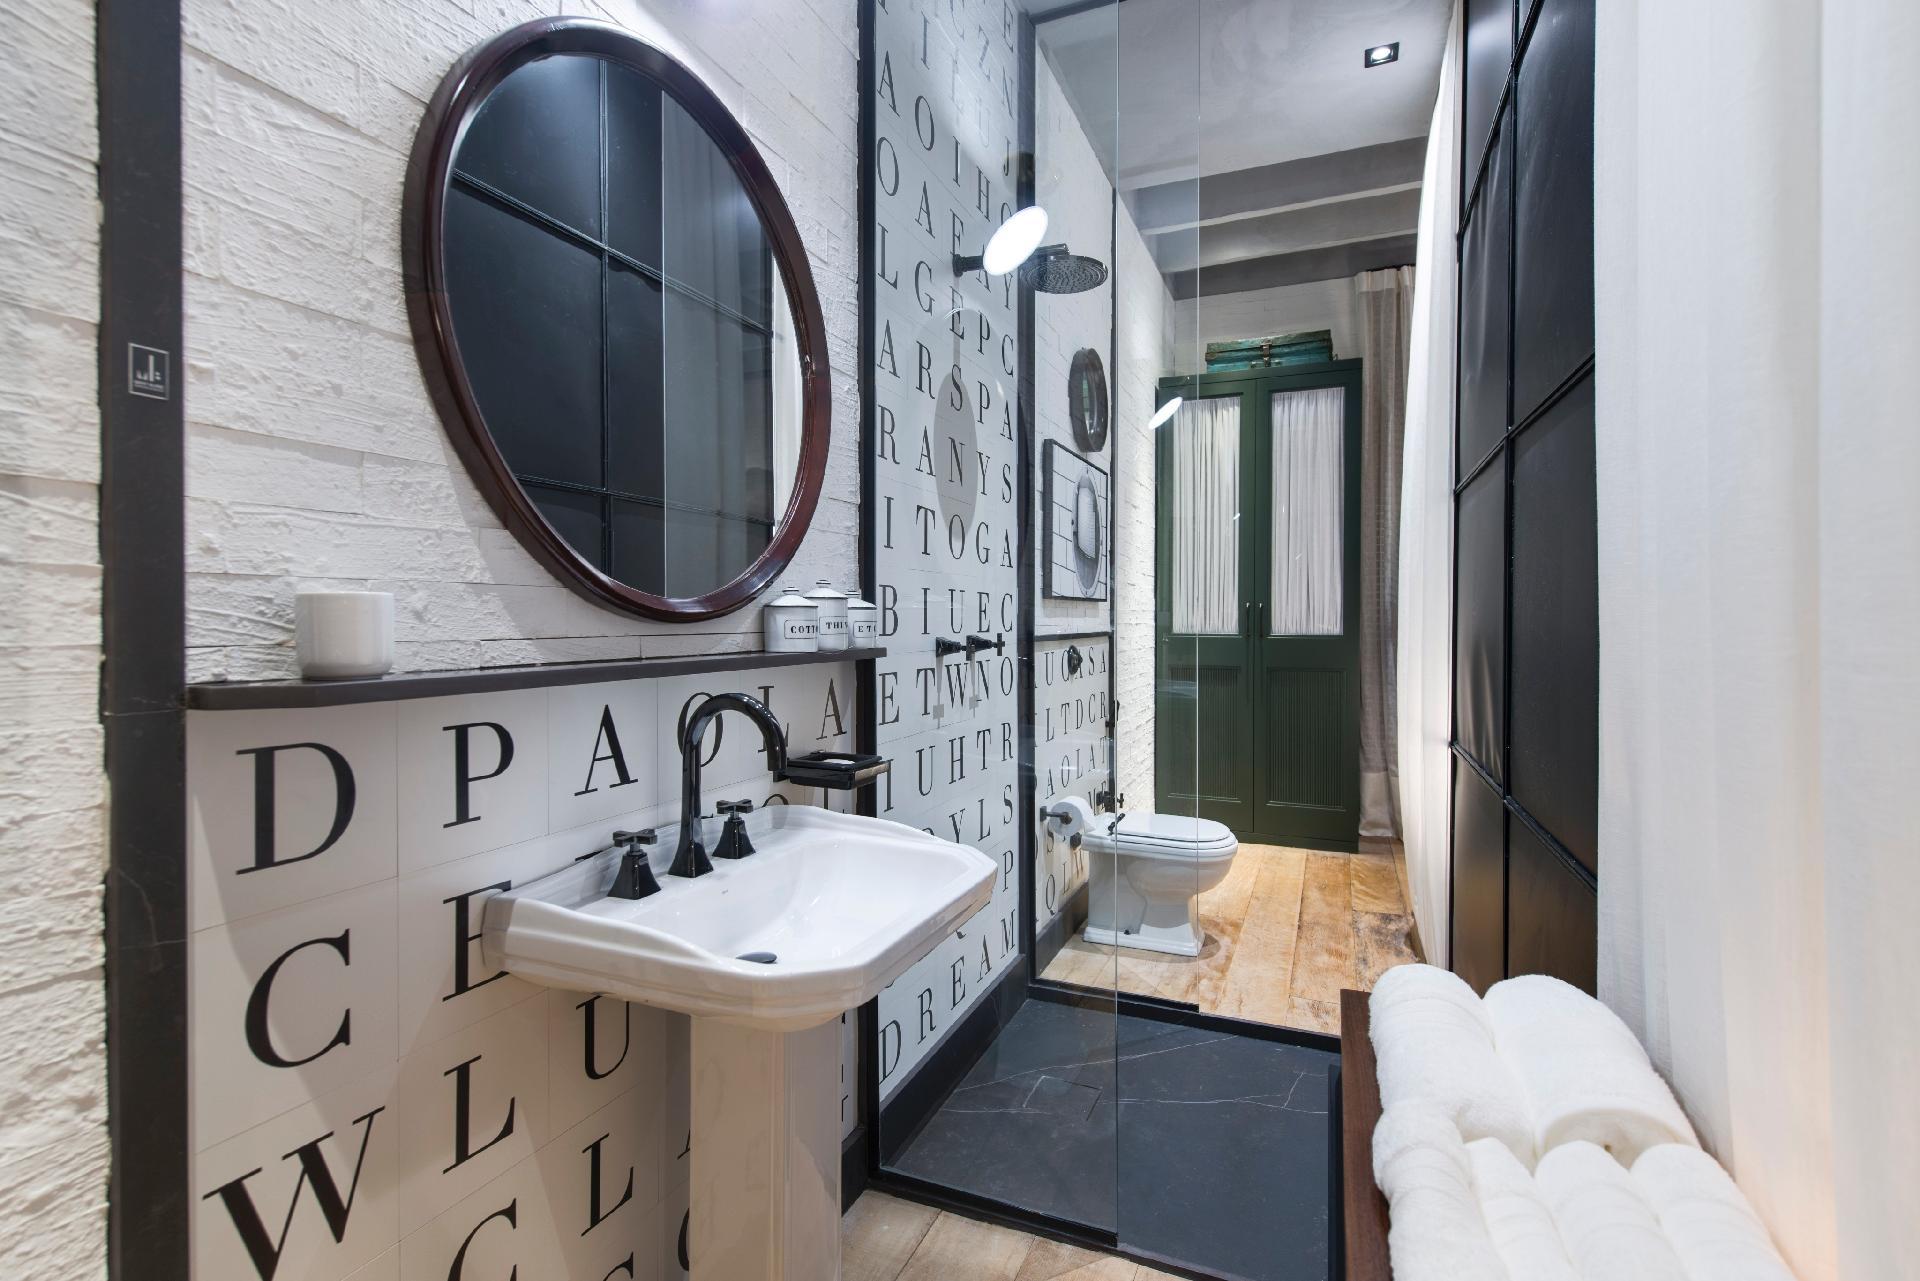 Banheiros: sugestões para decoração tendo muito ou pouco espaço  #80664B 1920 1281